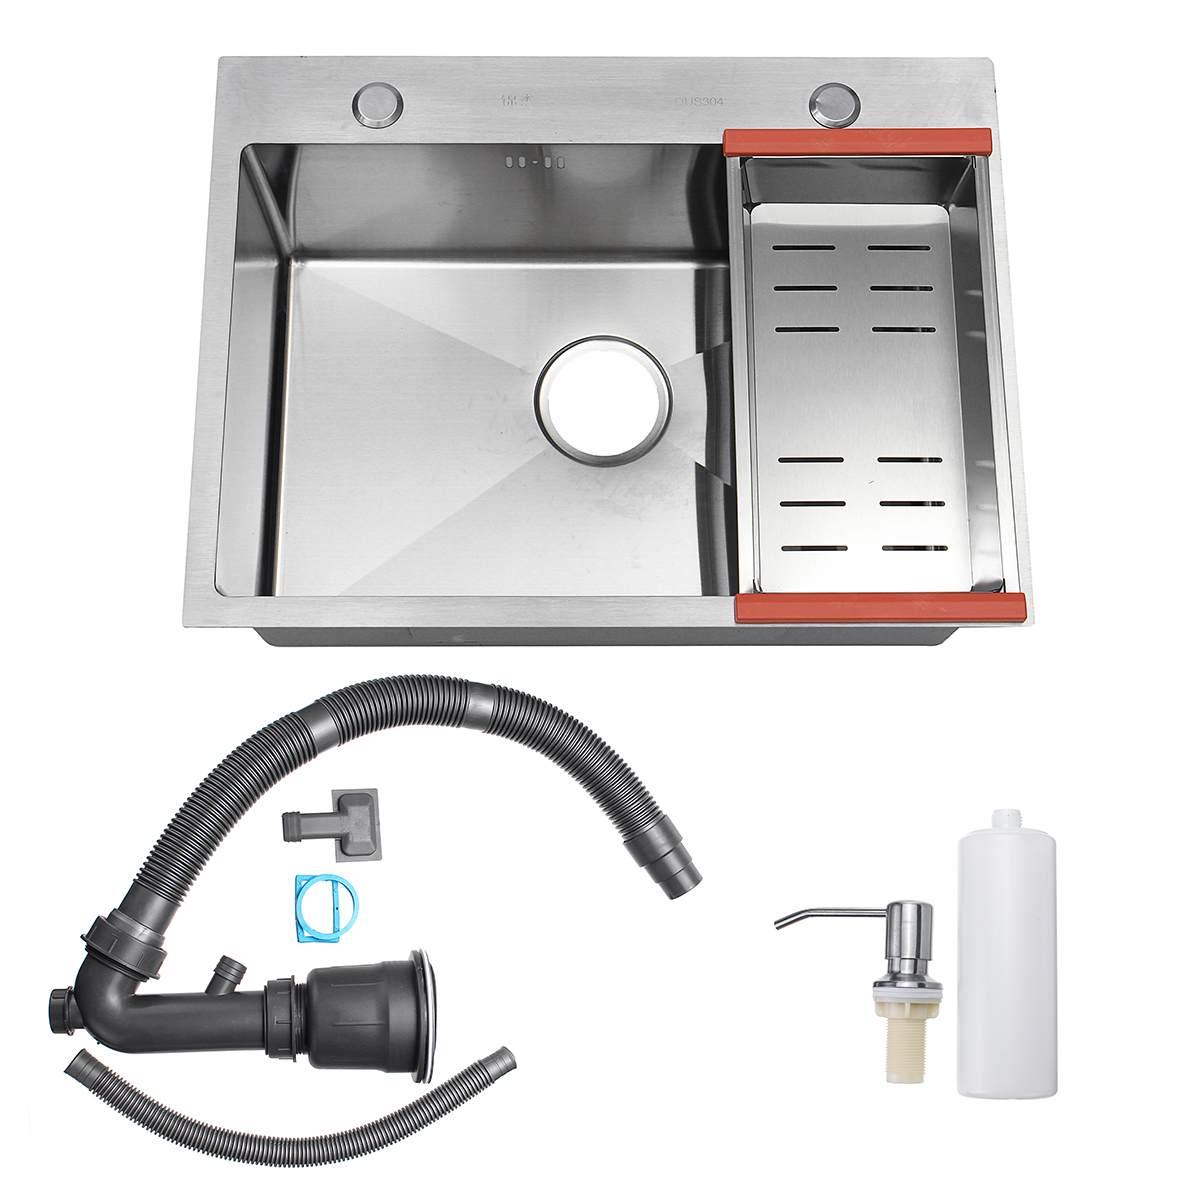 Évier de cuisine en acier inoxydable simple fente plat bassin 62*45cm lave-vaisselle avec panier de vidange distributeur de savon tuyau de vidange